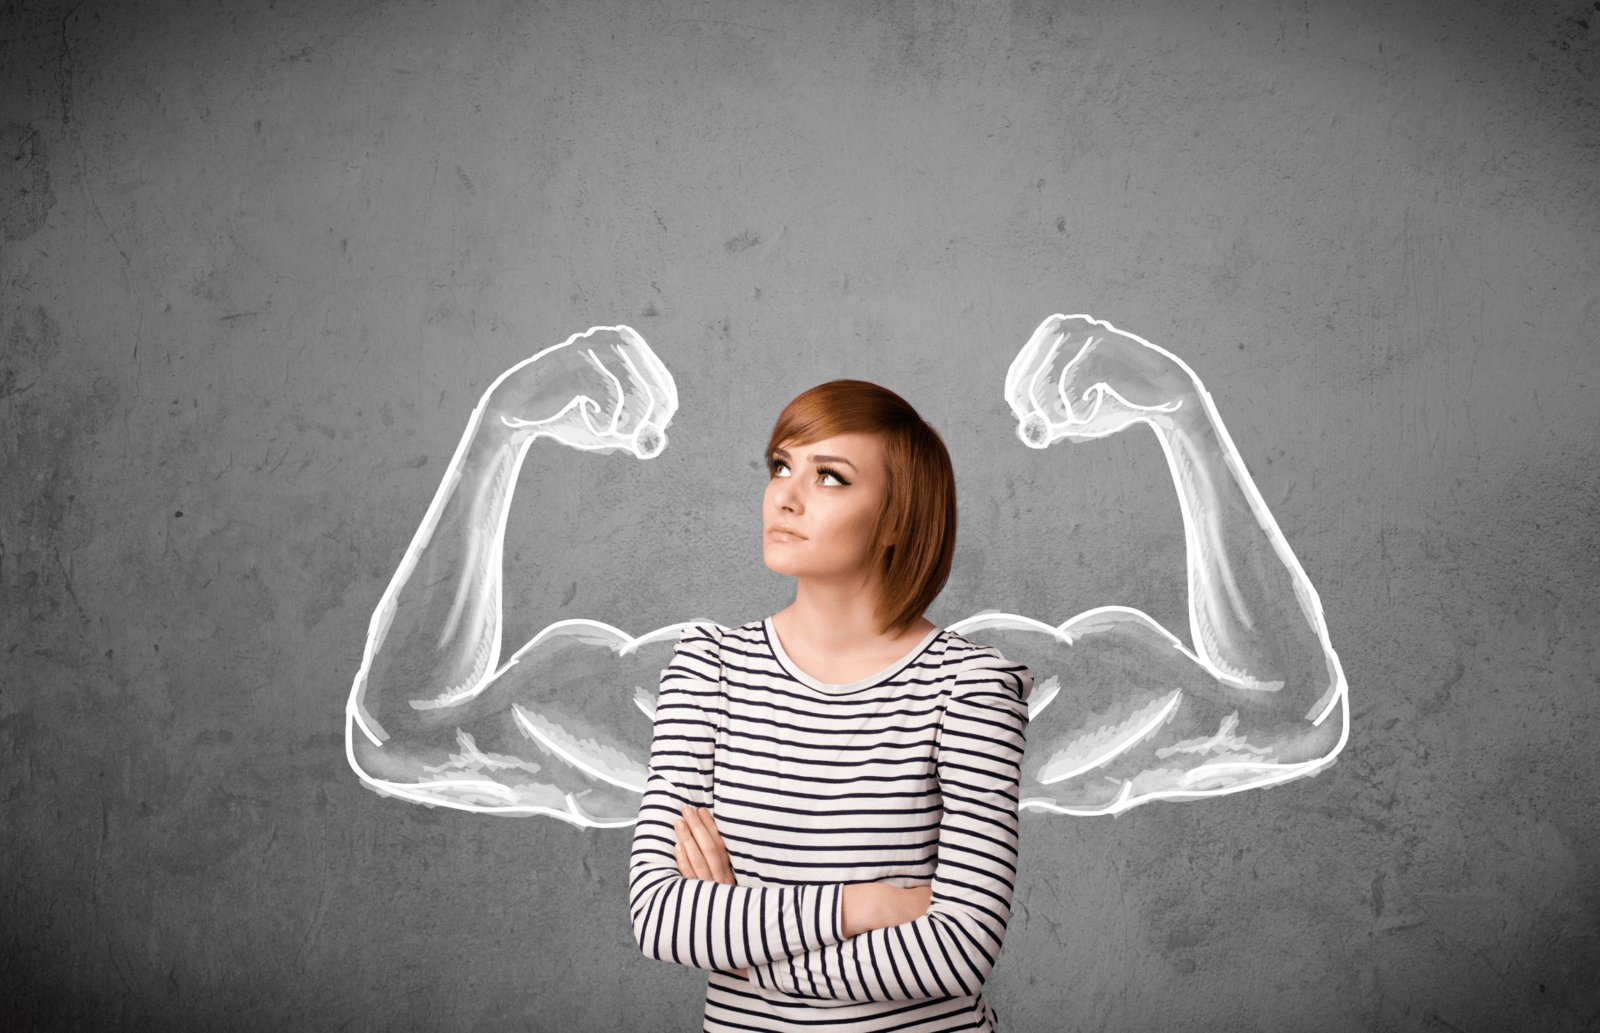 Как развить и укрепить силу воли — цитаты профессора Келли Макгонигал